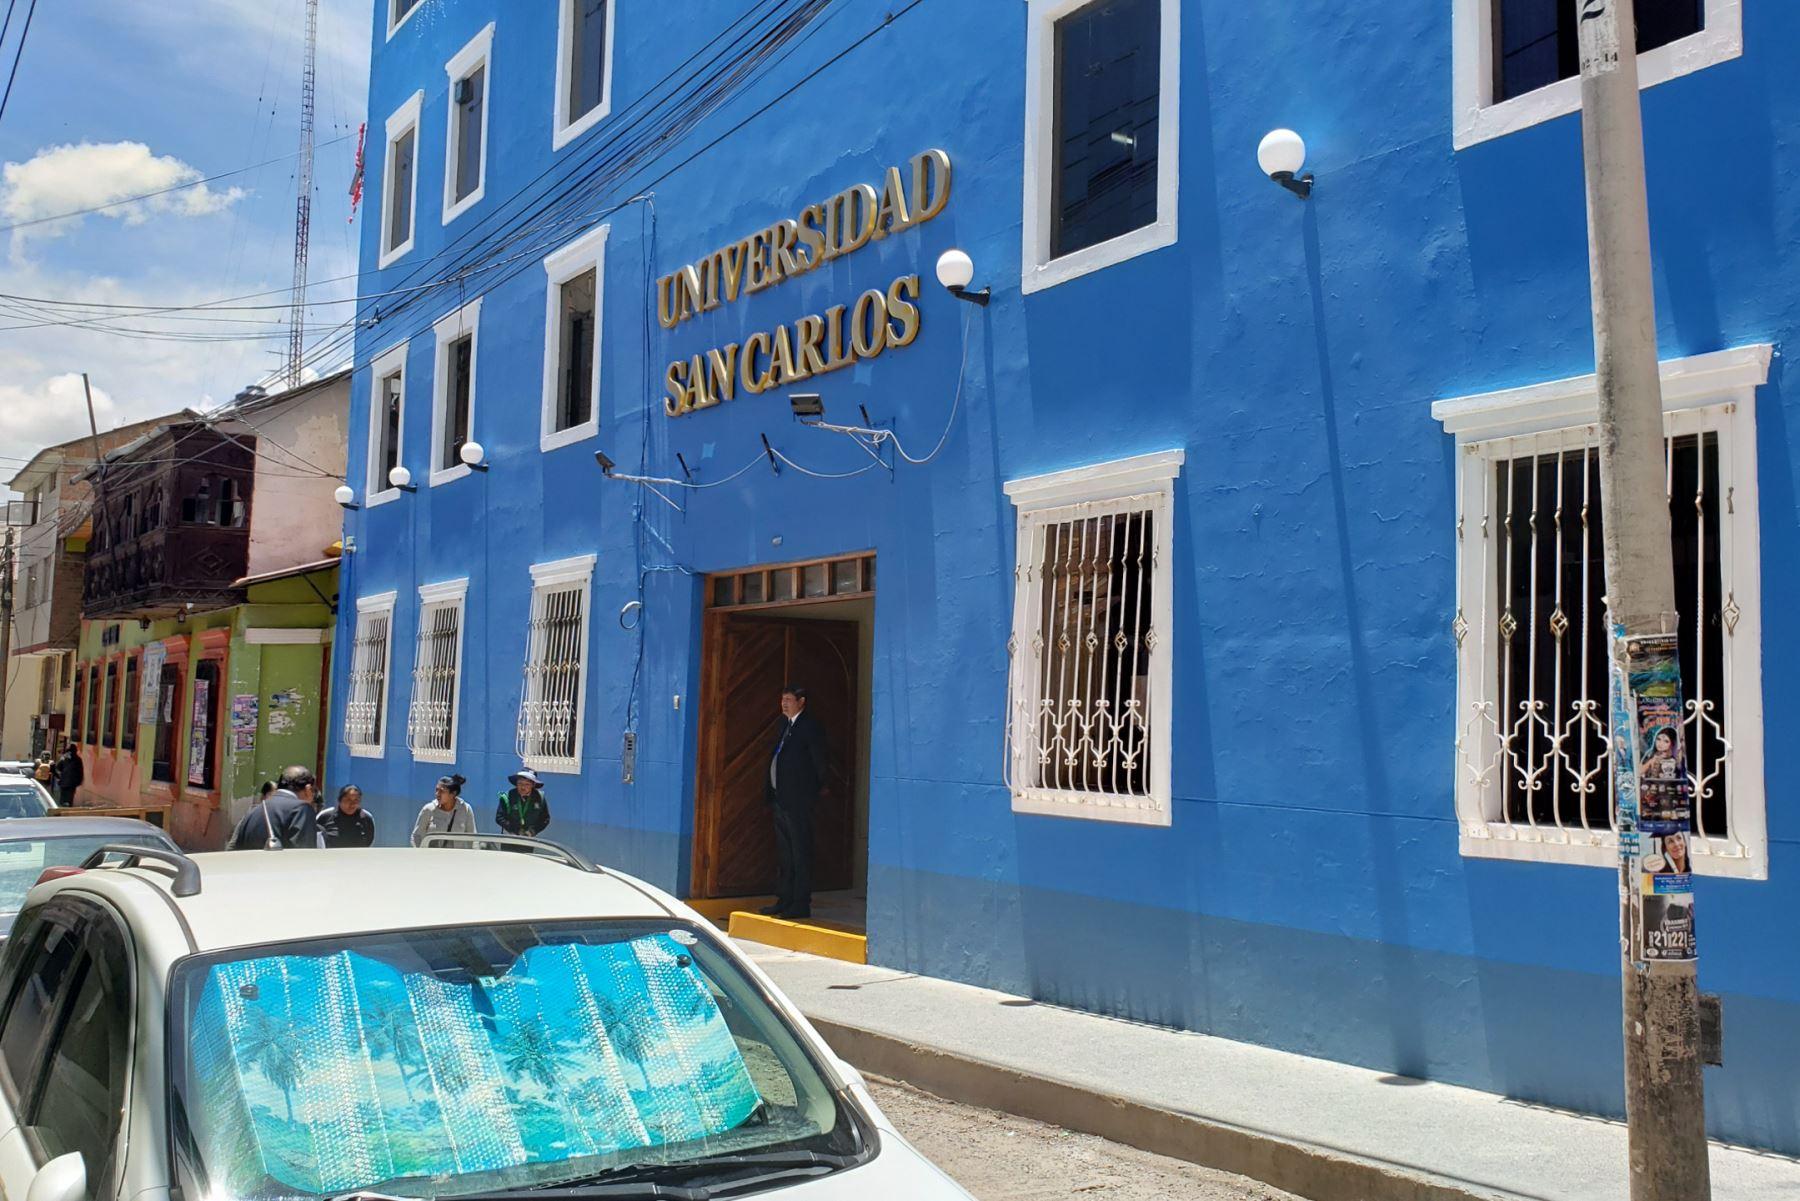 La Universidad Privada San Carlos (UPSC), con sede en Puno, tiene 3,137 estudiantes en cuatro programas académicos, informó la Sunedu.